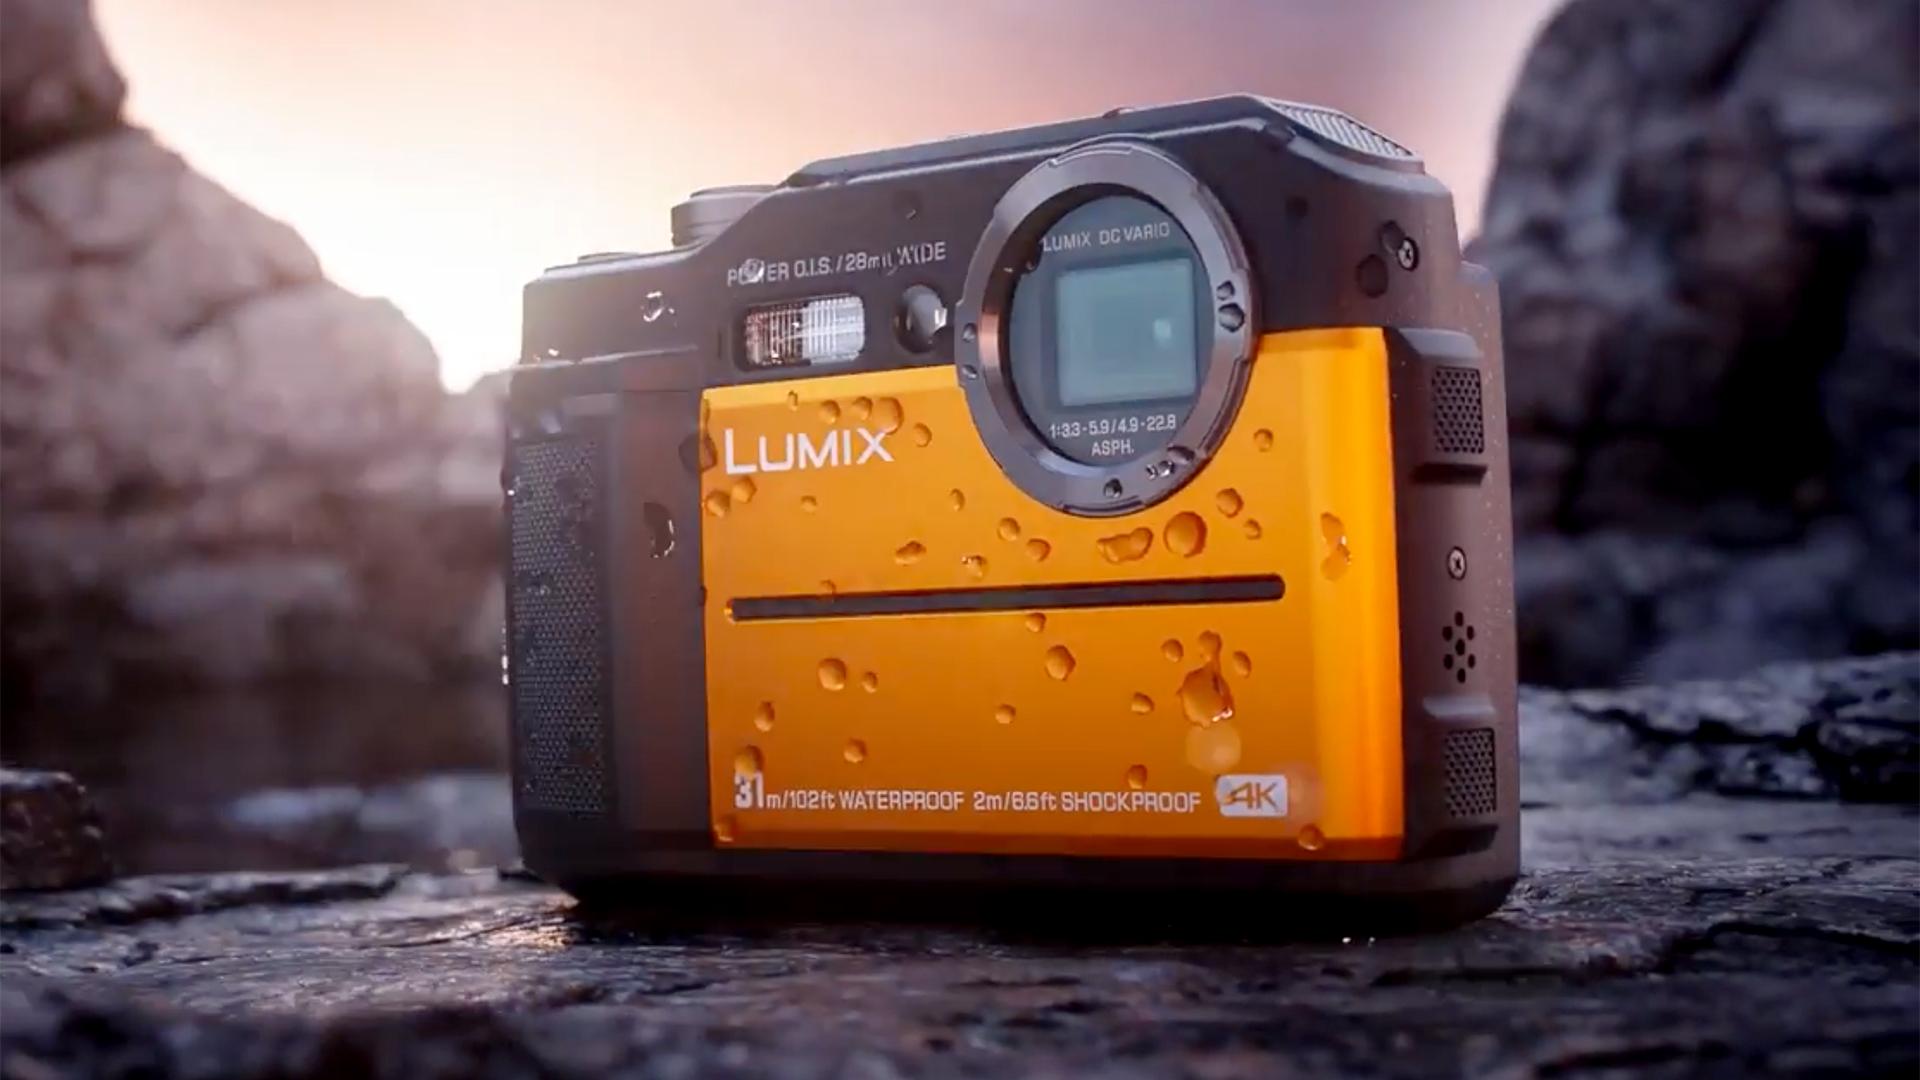 パナソニックがLumix FT7を発表 - 4K撮影可能でEVF内蔵の堅牢なコンパクトカメラ